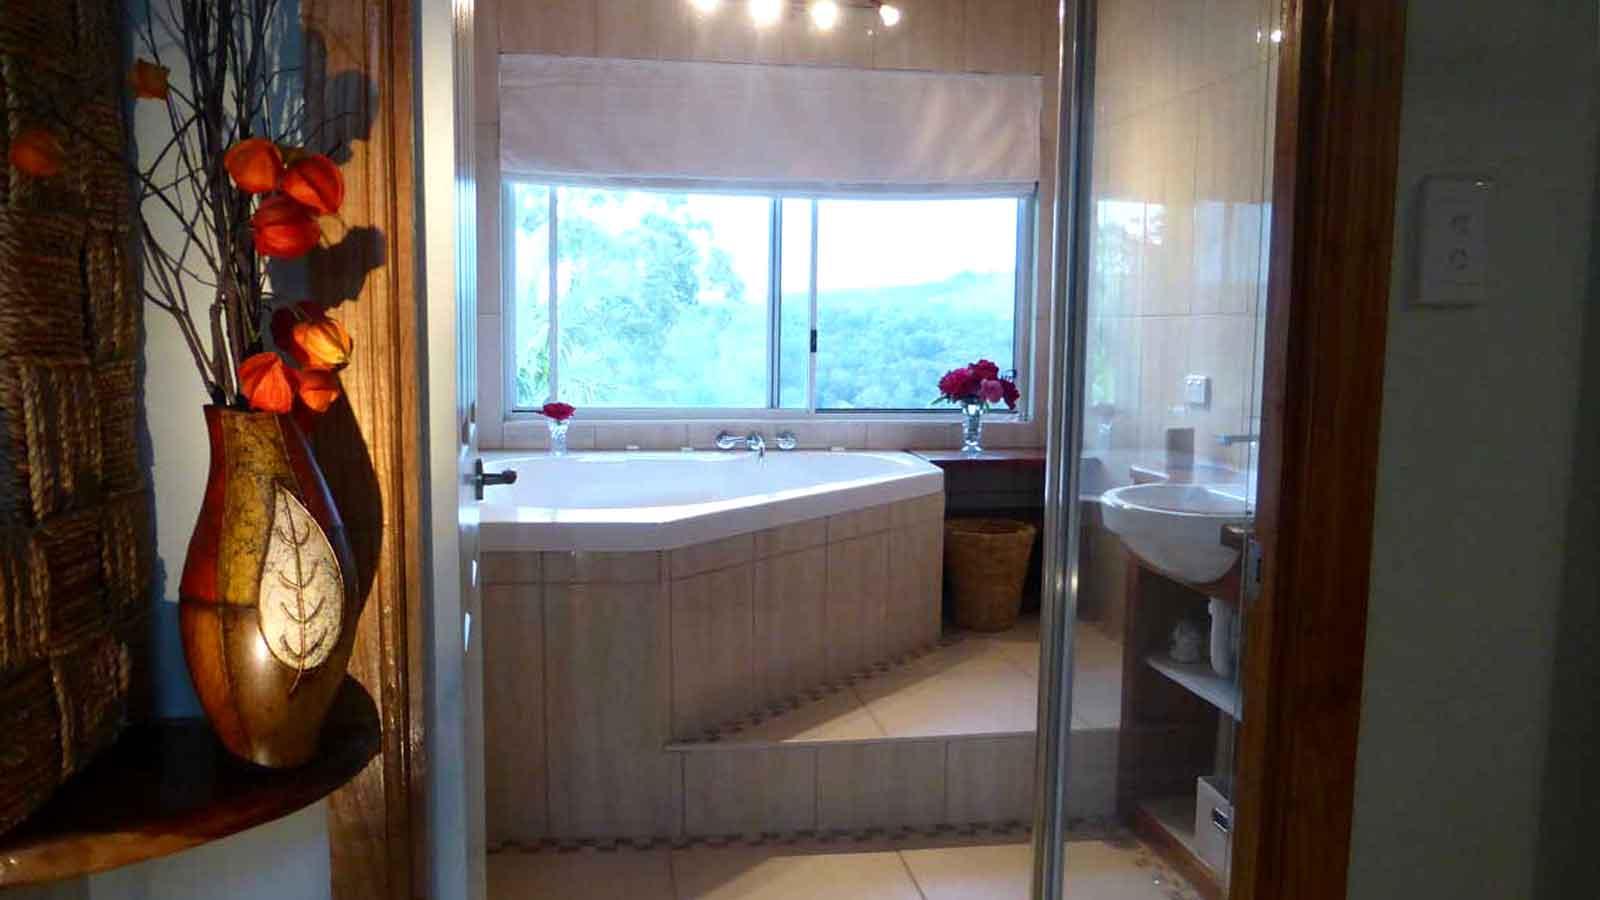 innistaigh-bath1.jpg